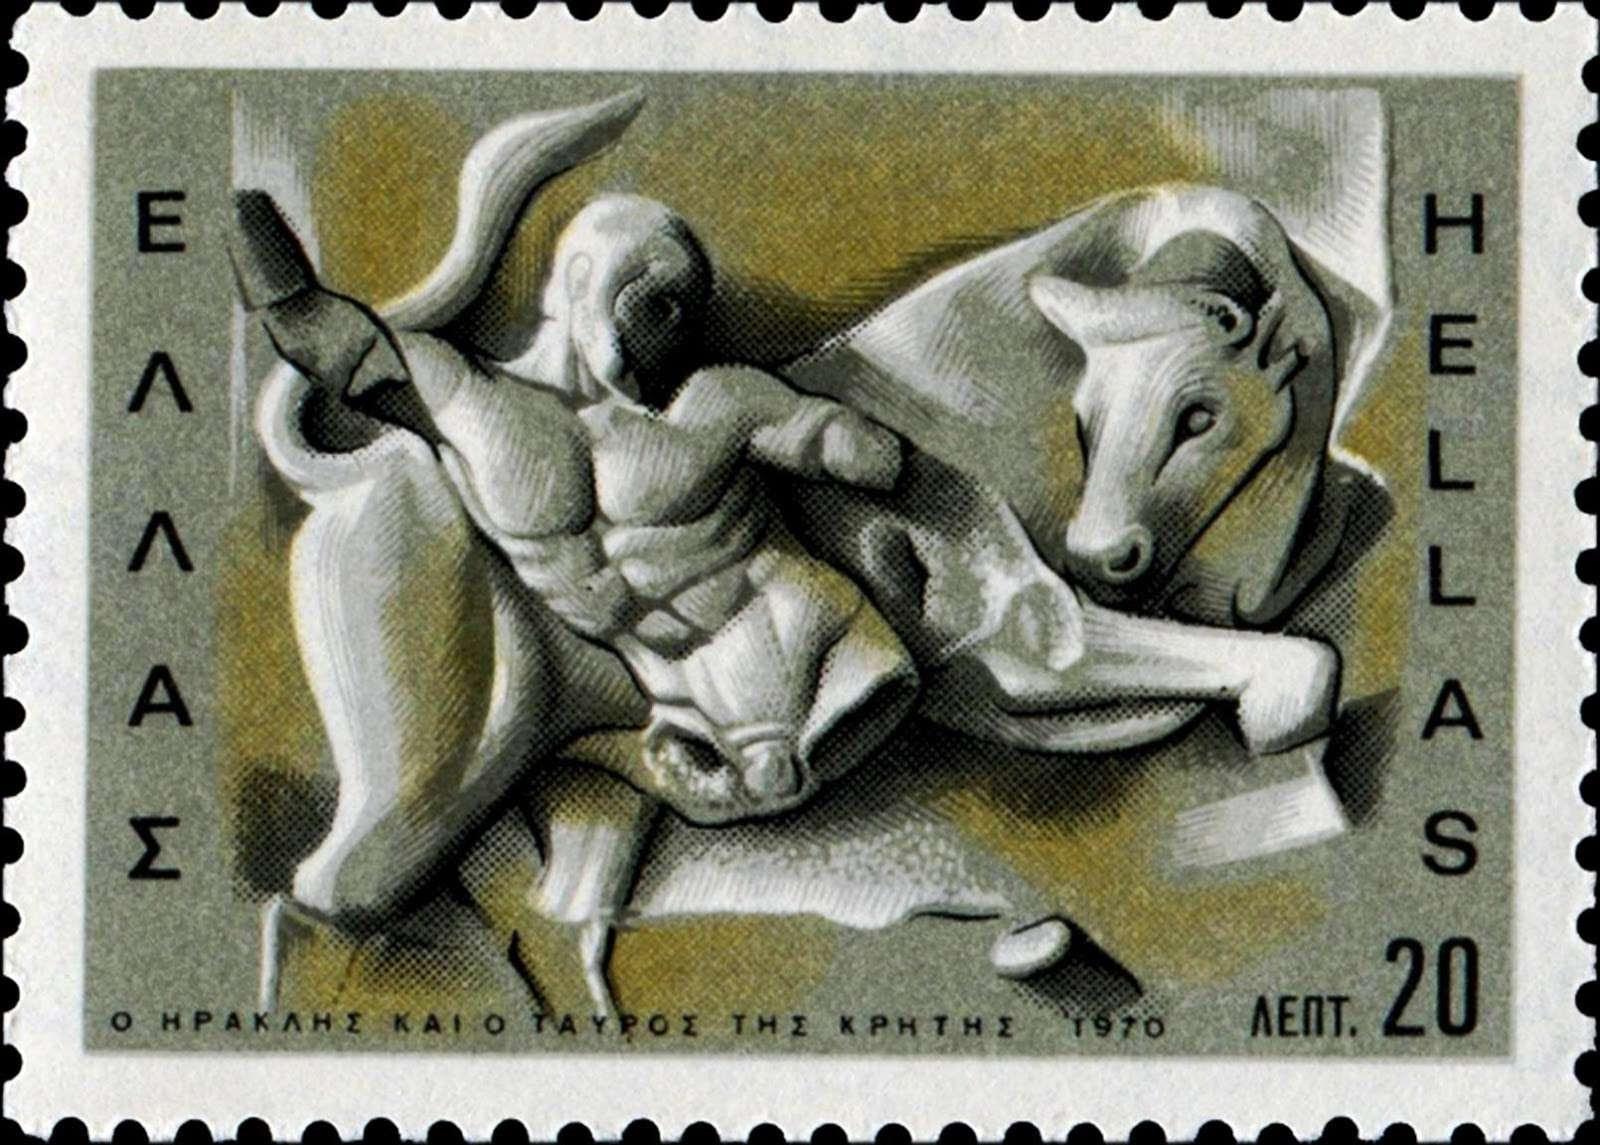 1970 Έκδοση Ηρακλέους (μετόπη από το ναό του Δία στην Ολυμπία, 460 π.Χ.) HELLAS